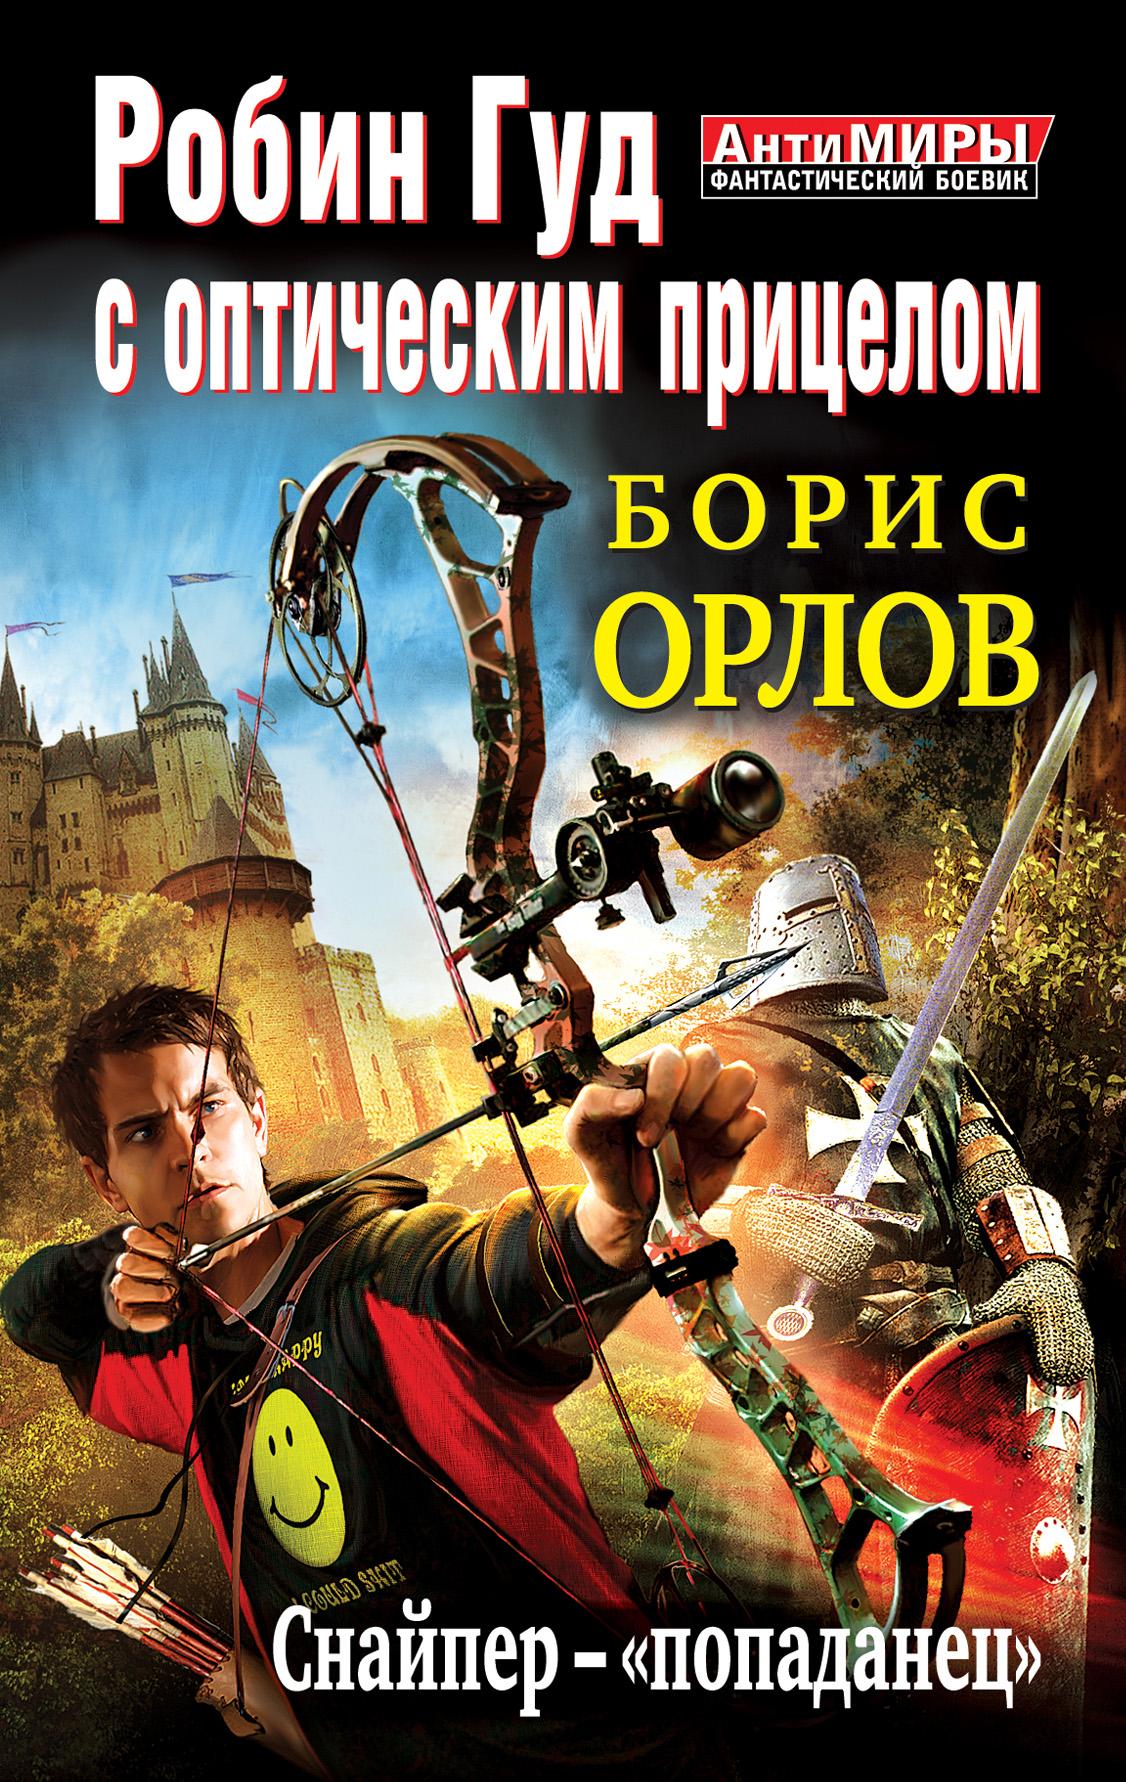 Робин Гуд с оптическим прицелом. Снайпер-«попаданец»